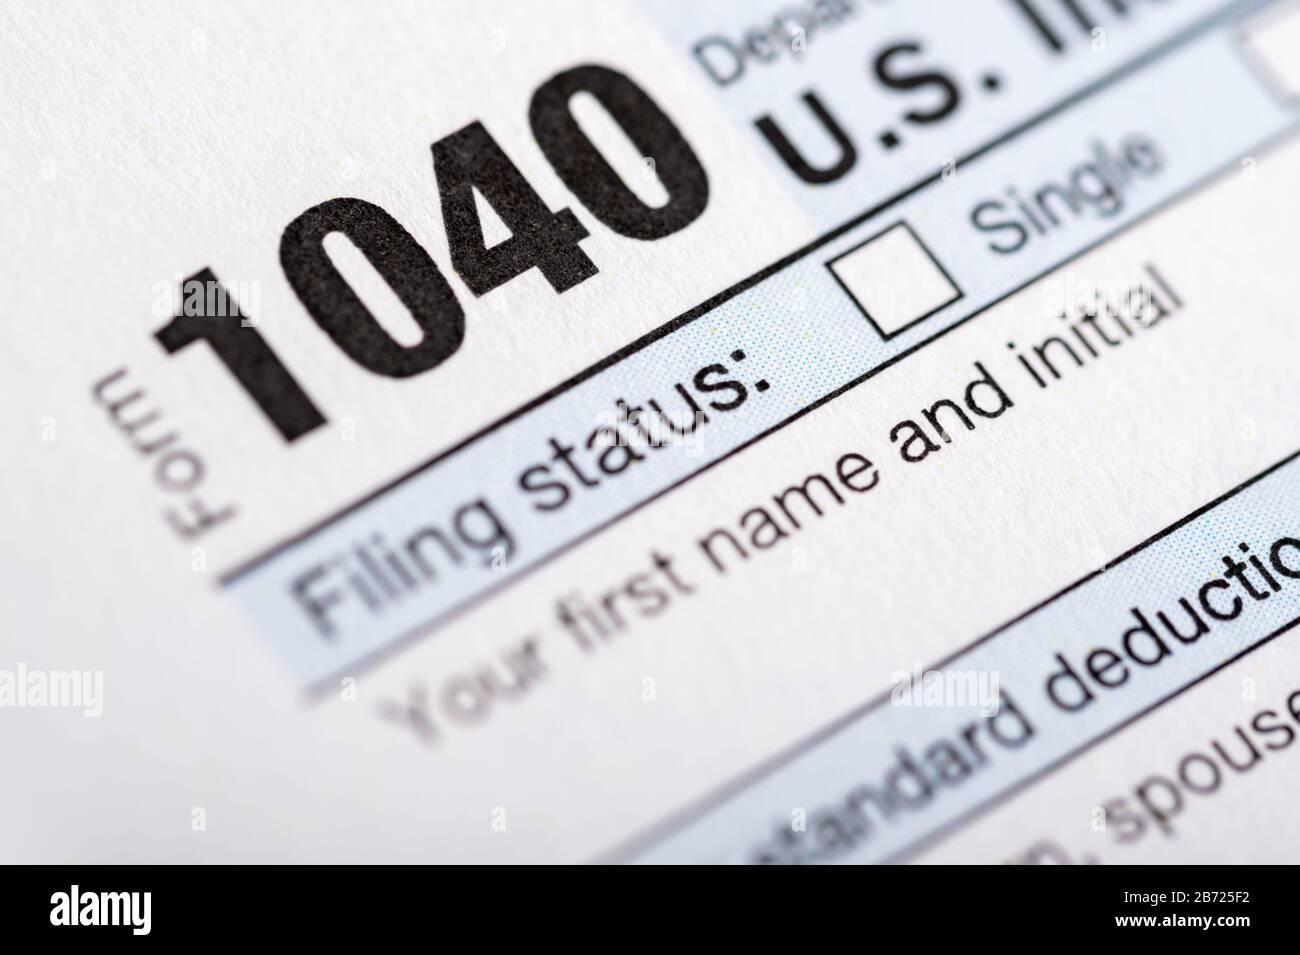 Une pile de formulaires d'impôt des États-Unis pour les particuliers. Banque D'Images